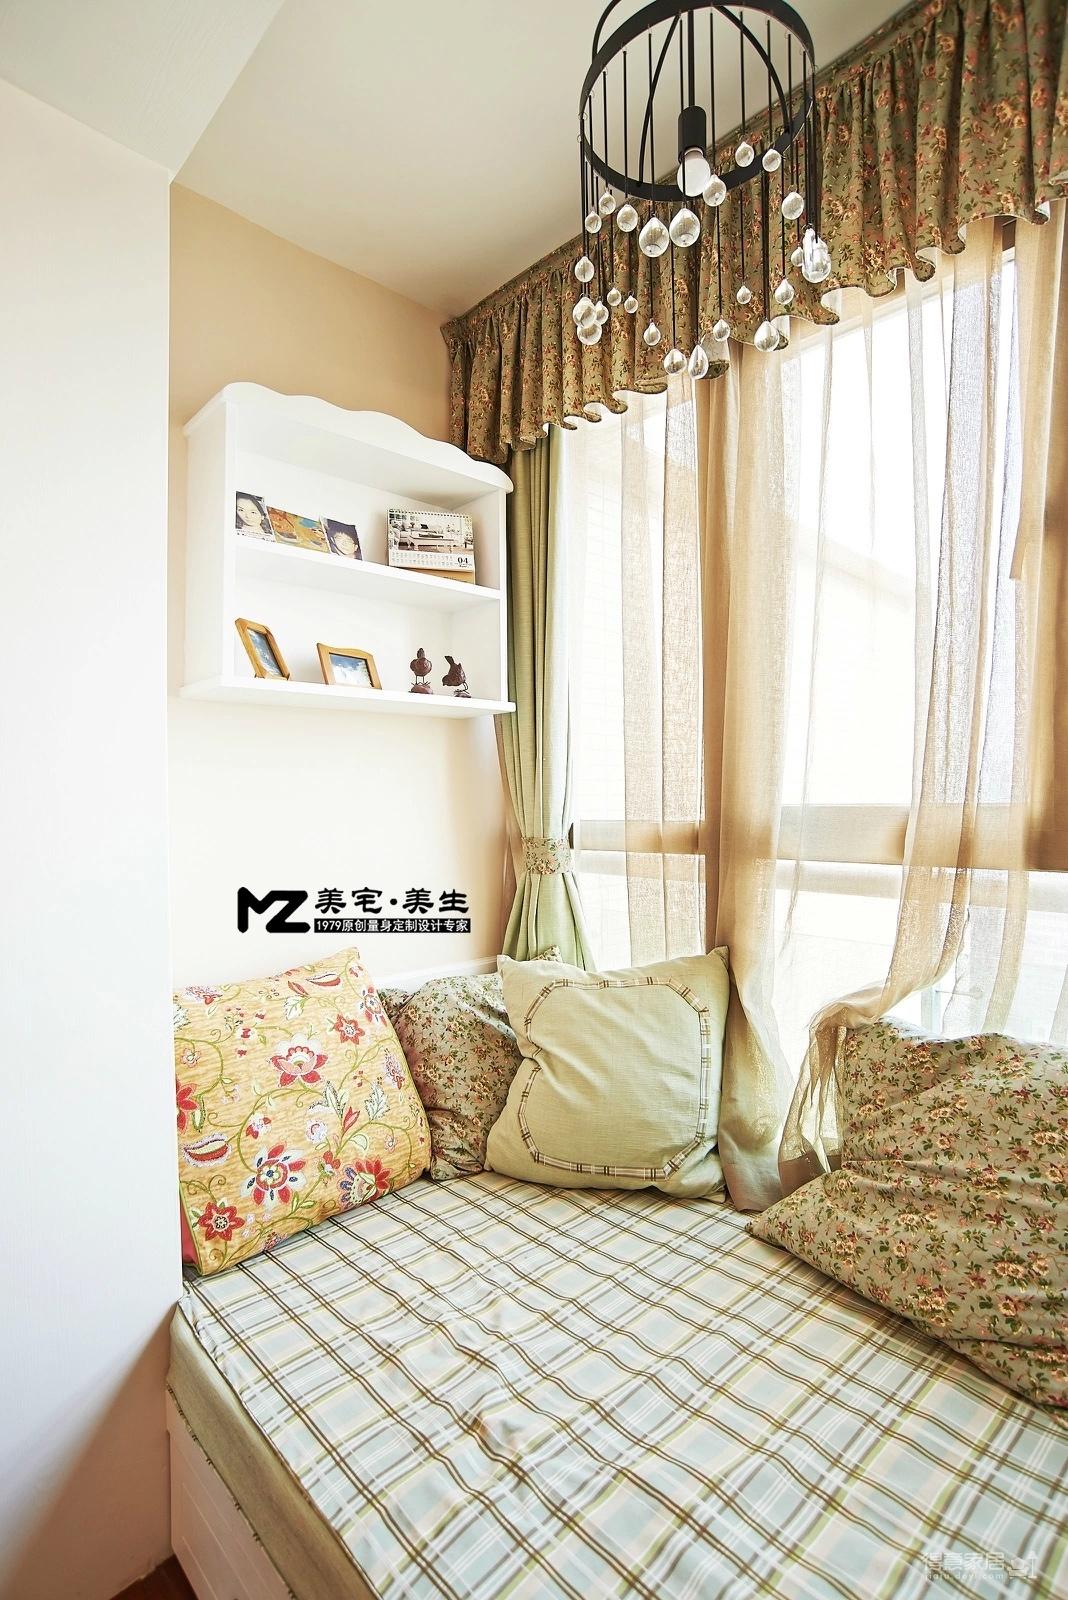 【光谷新世界】---春暖花开图_8